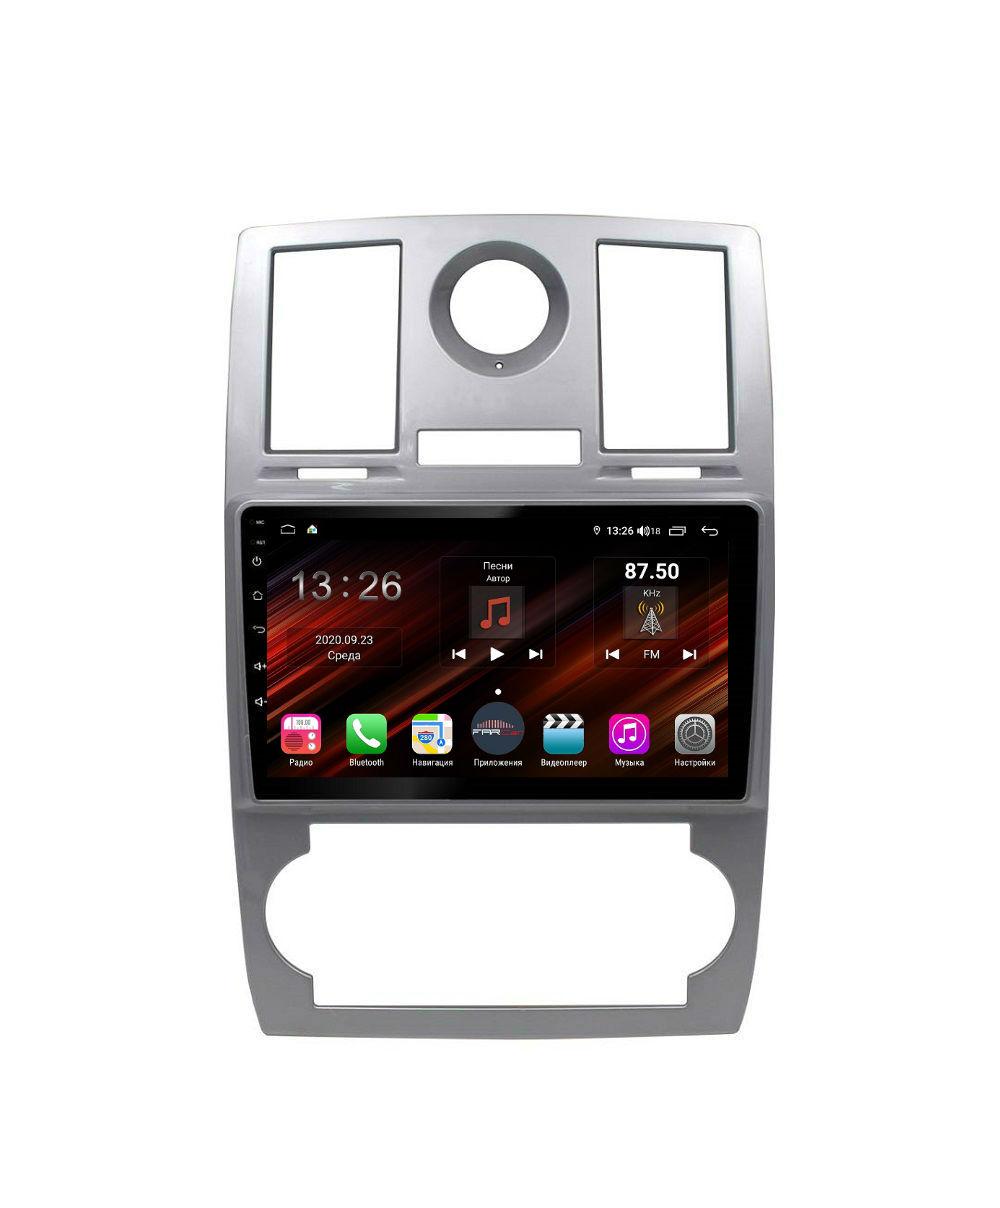 Штатная магнитола FarCar s400 Super HD для Chrysler 300C на Android (XH206R) (+ Камера заднего вида в подарок!)